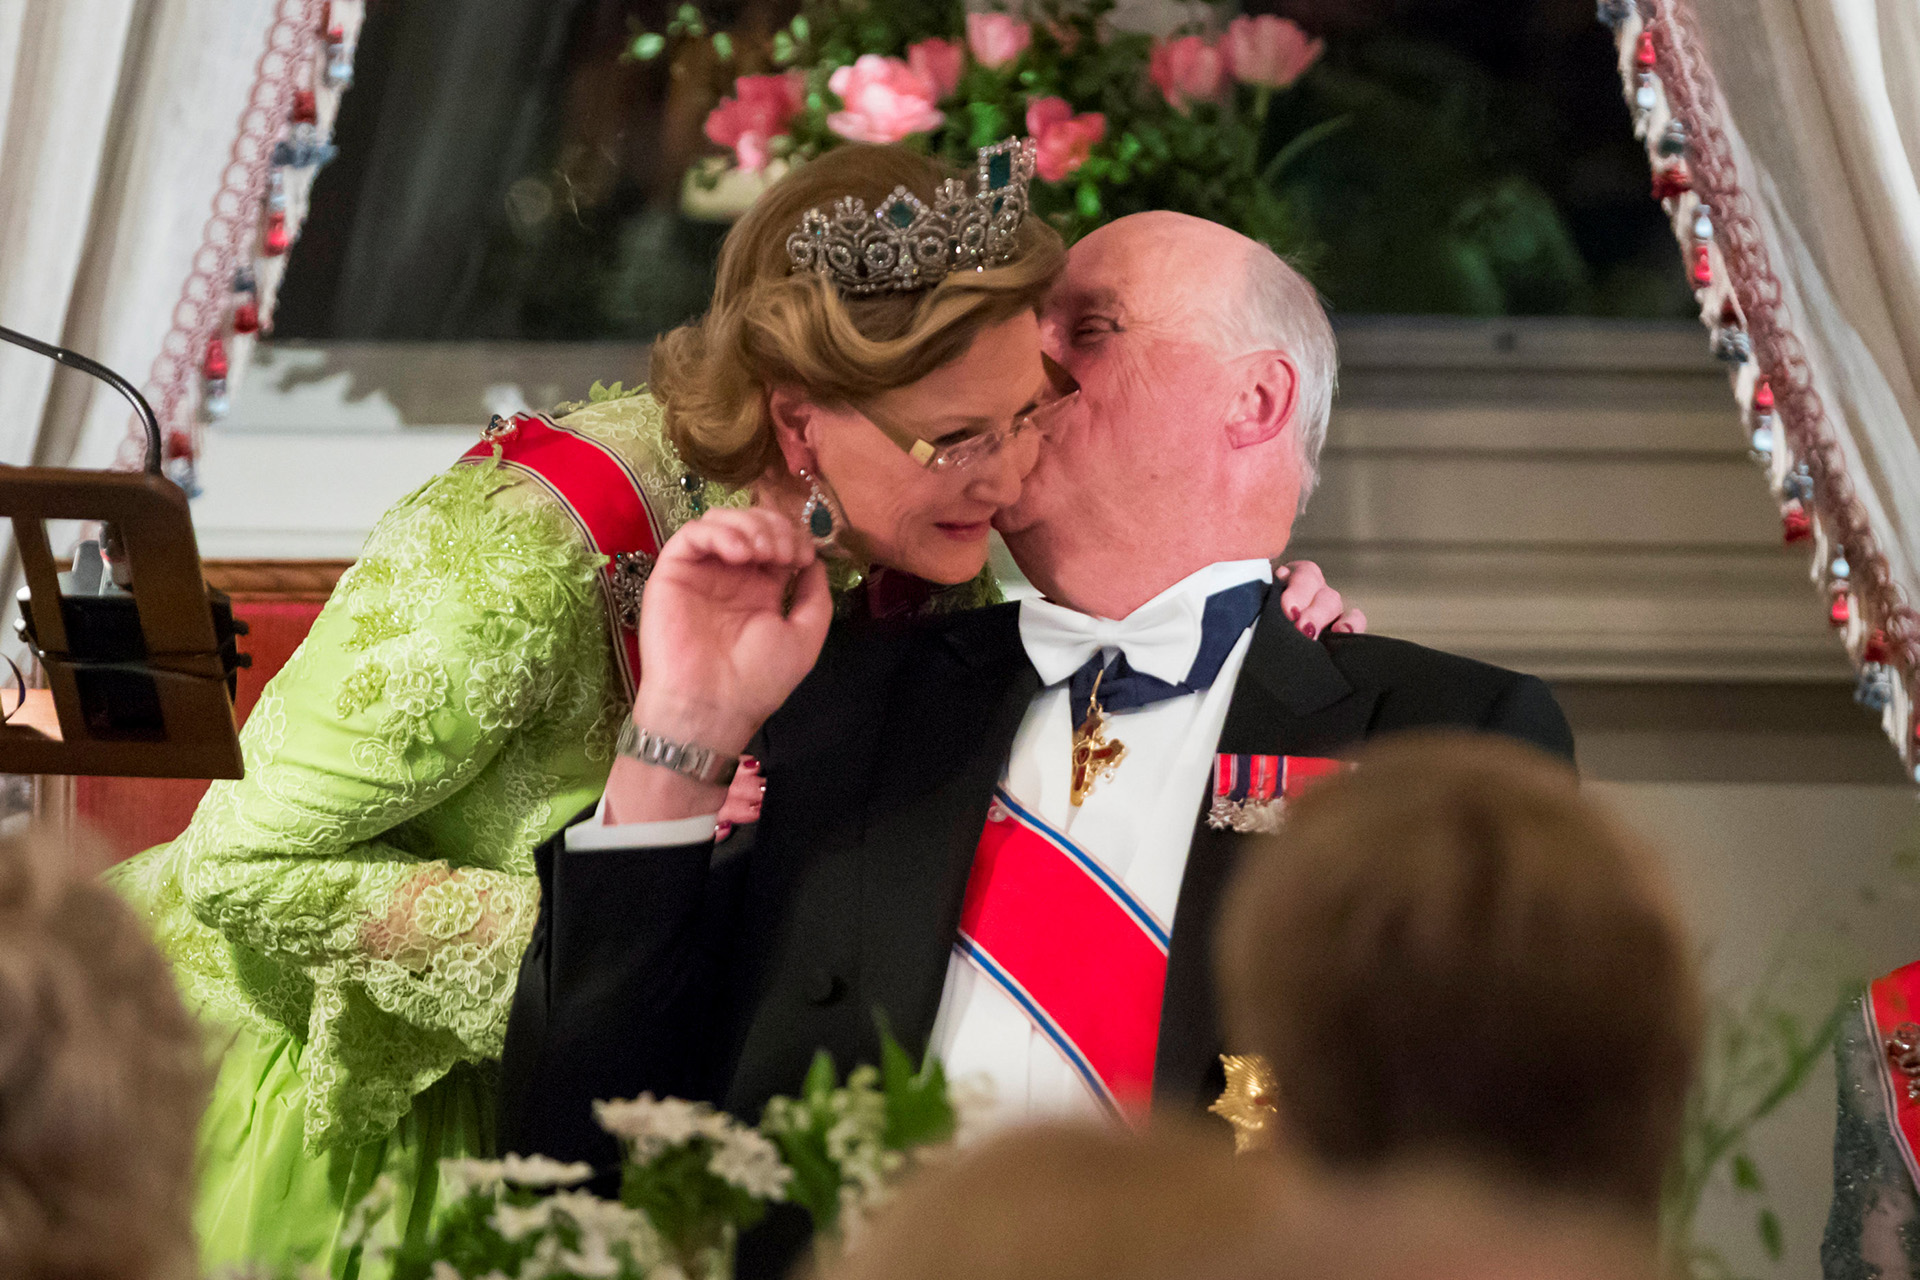 La historia de amor entre los reyes tuvo su broche de oro con su boda en 1968, luego de más de una década en la que Harald estuvo dispuesto a todo para poder casarse con Sonja, incluso renunciar al trono